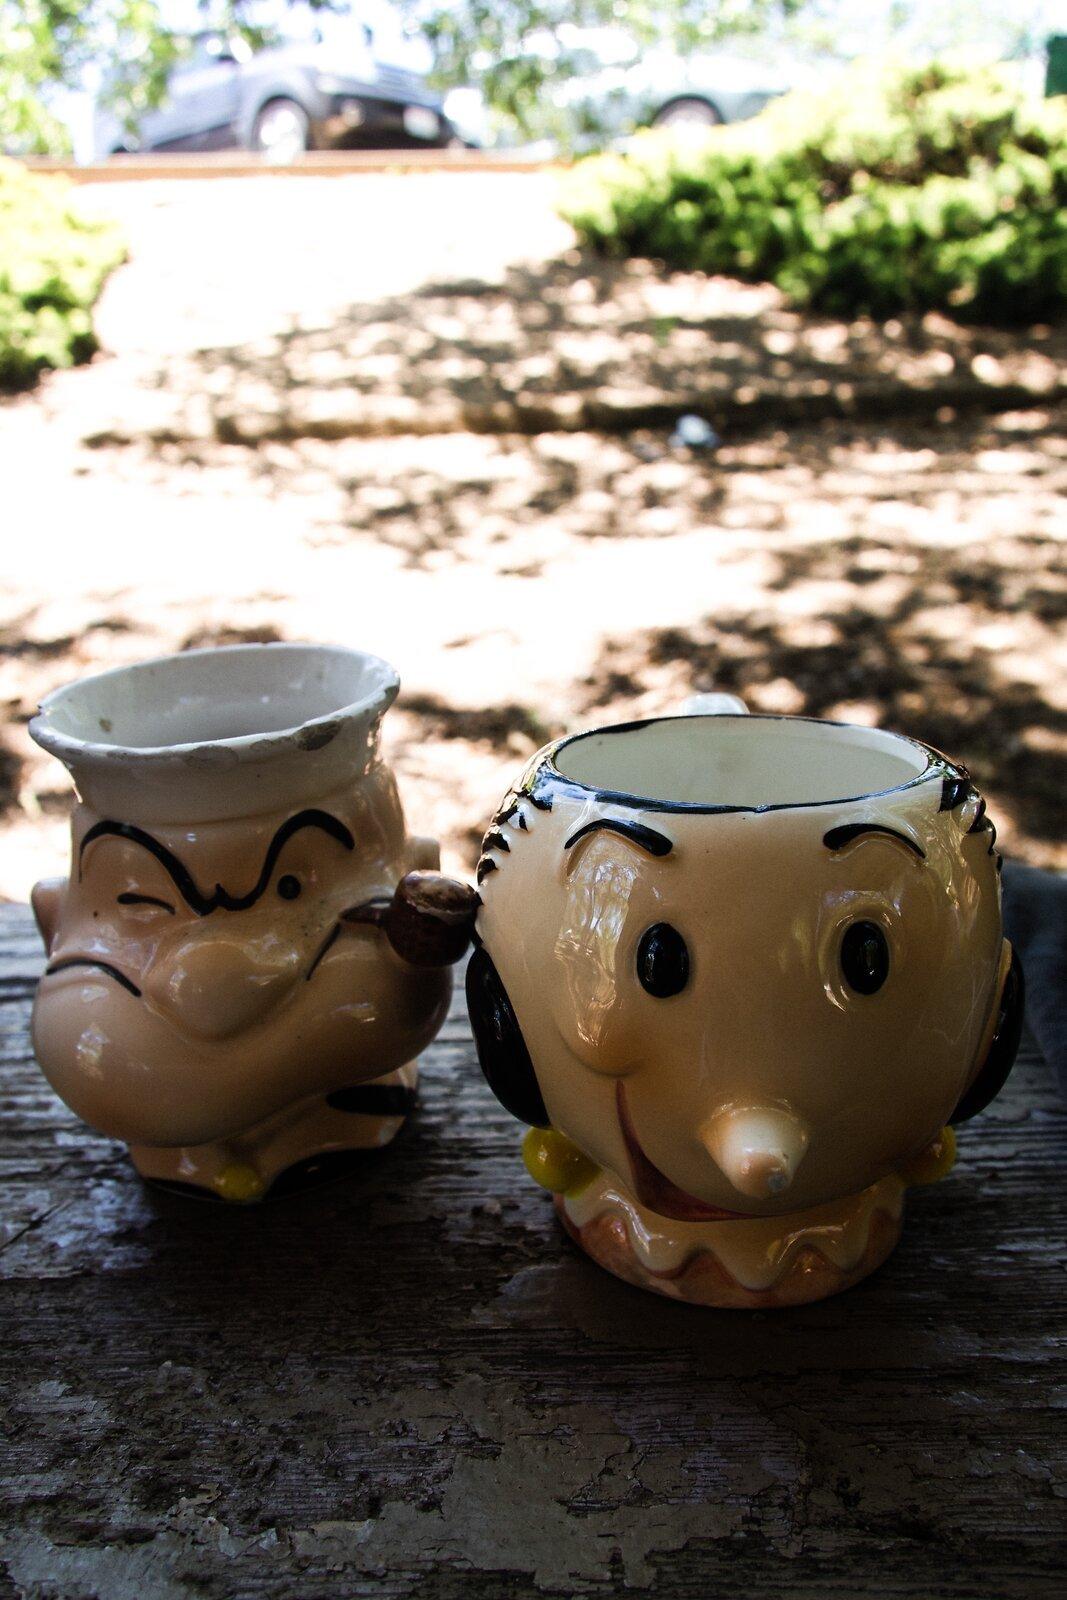 G1x_Jun19_OliveOyl&Popeye.jpg